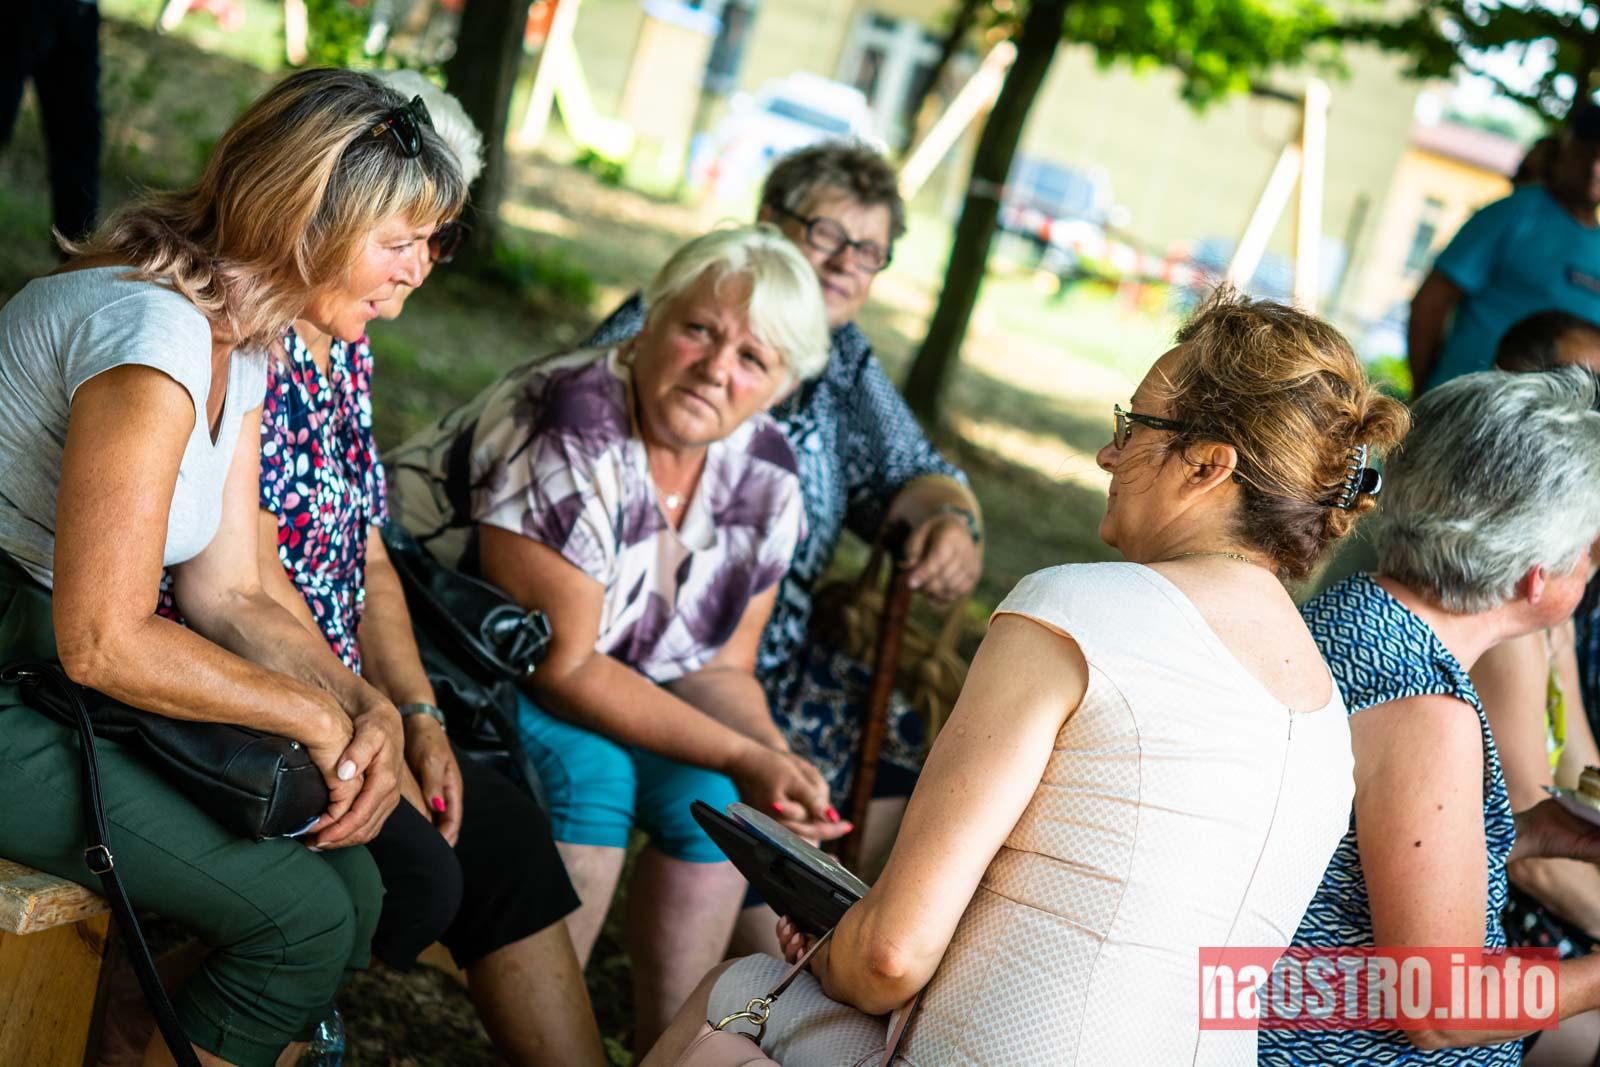 NaOSTROinfo Festyn janik dla Mieszkańców-11